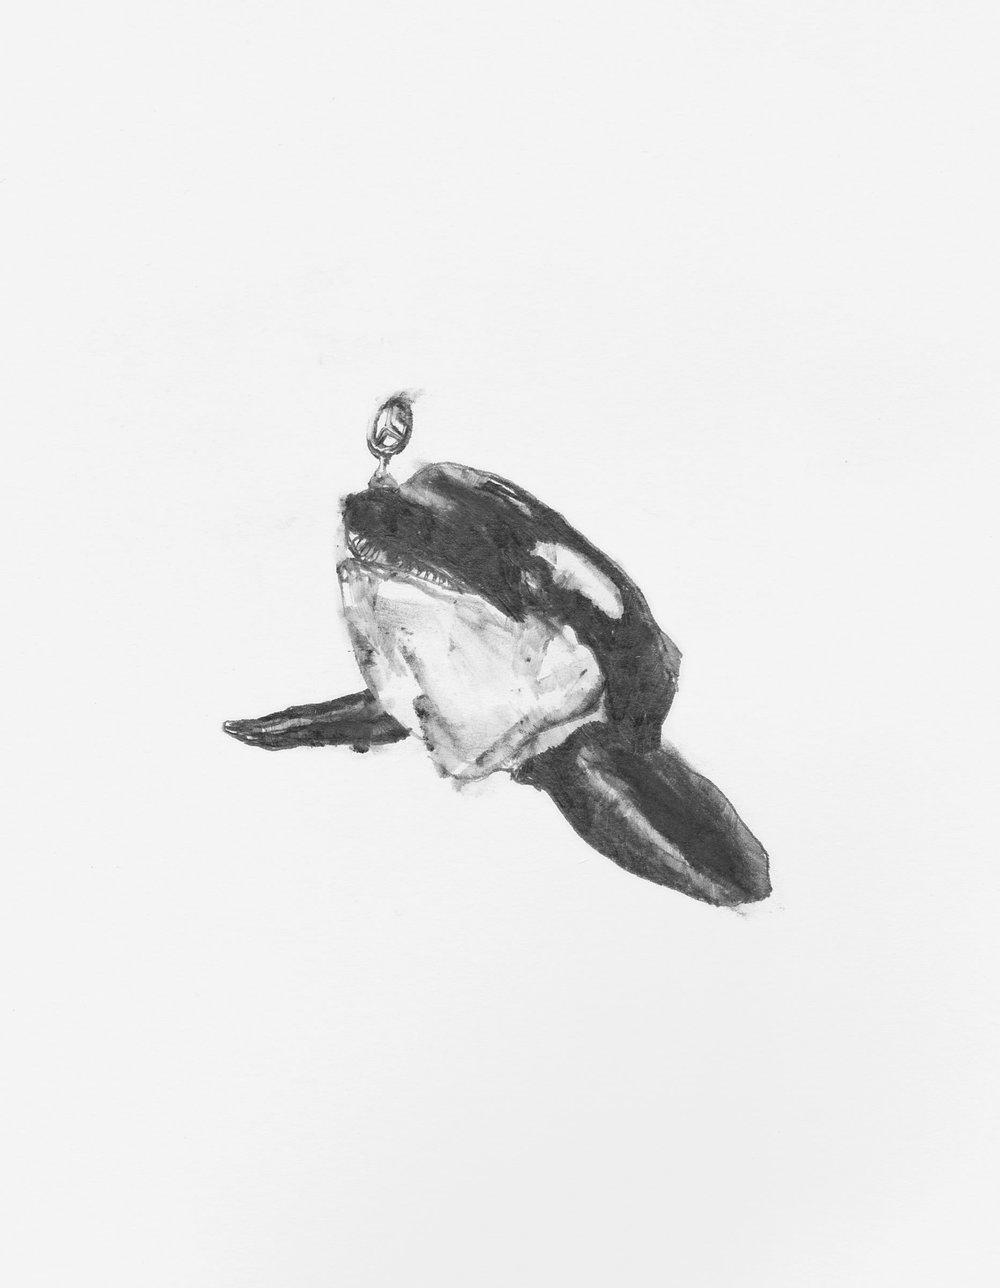 Killers & Killer Whales pg 1